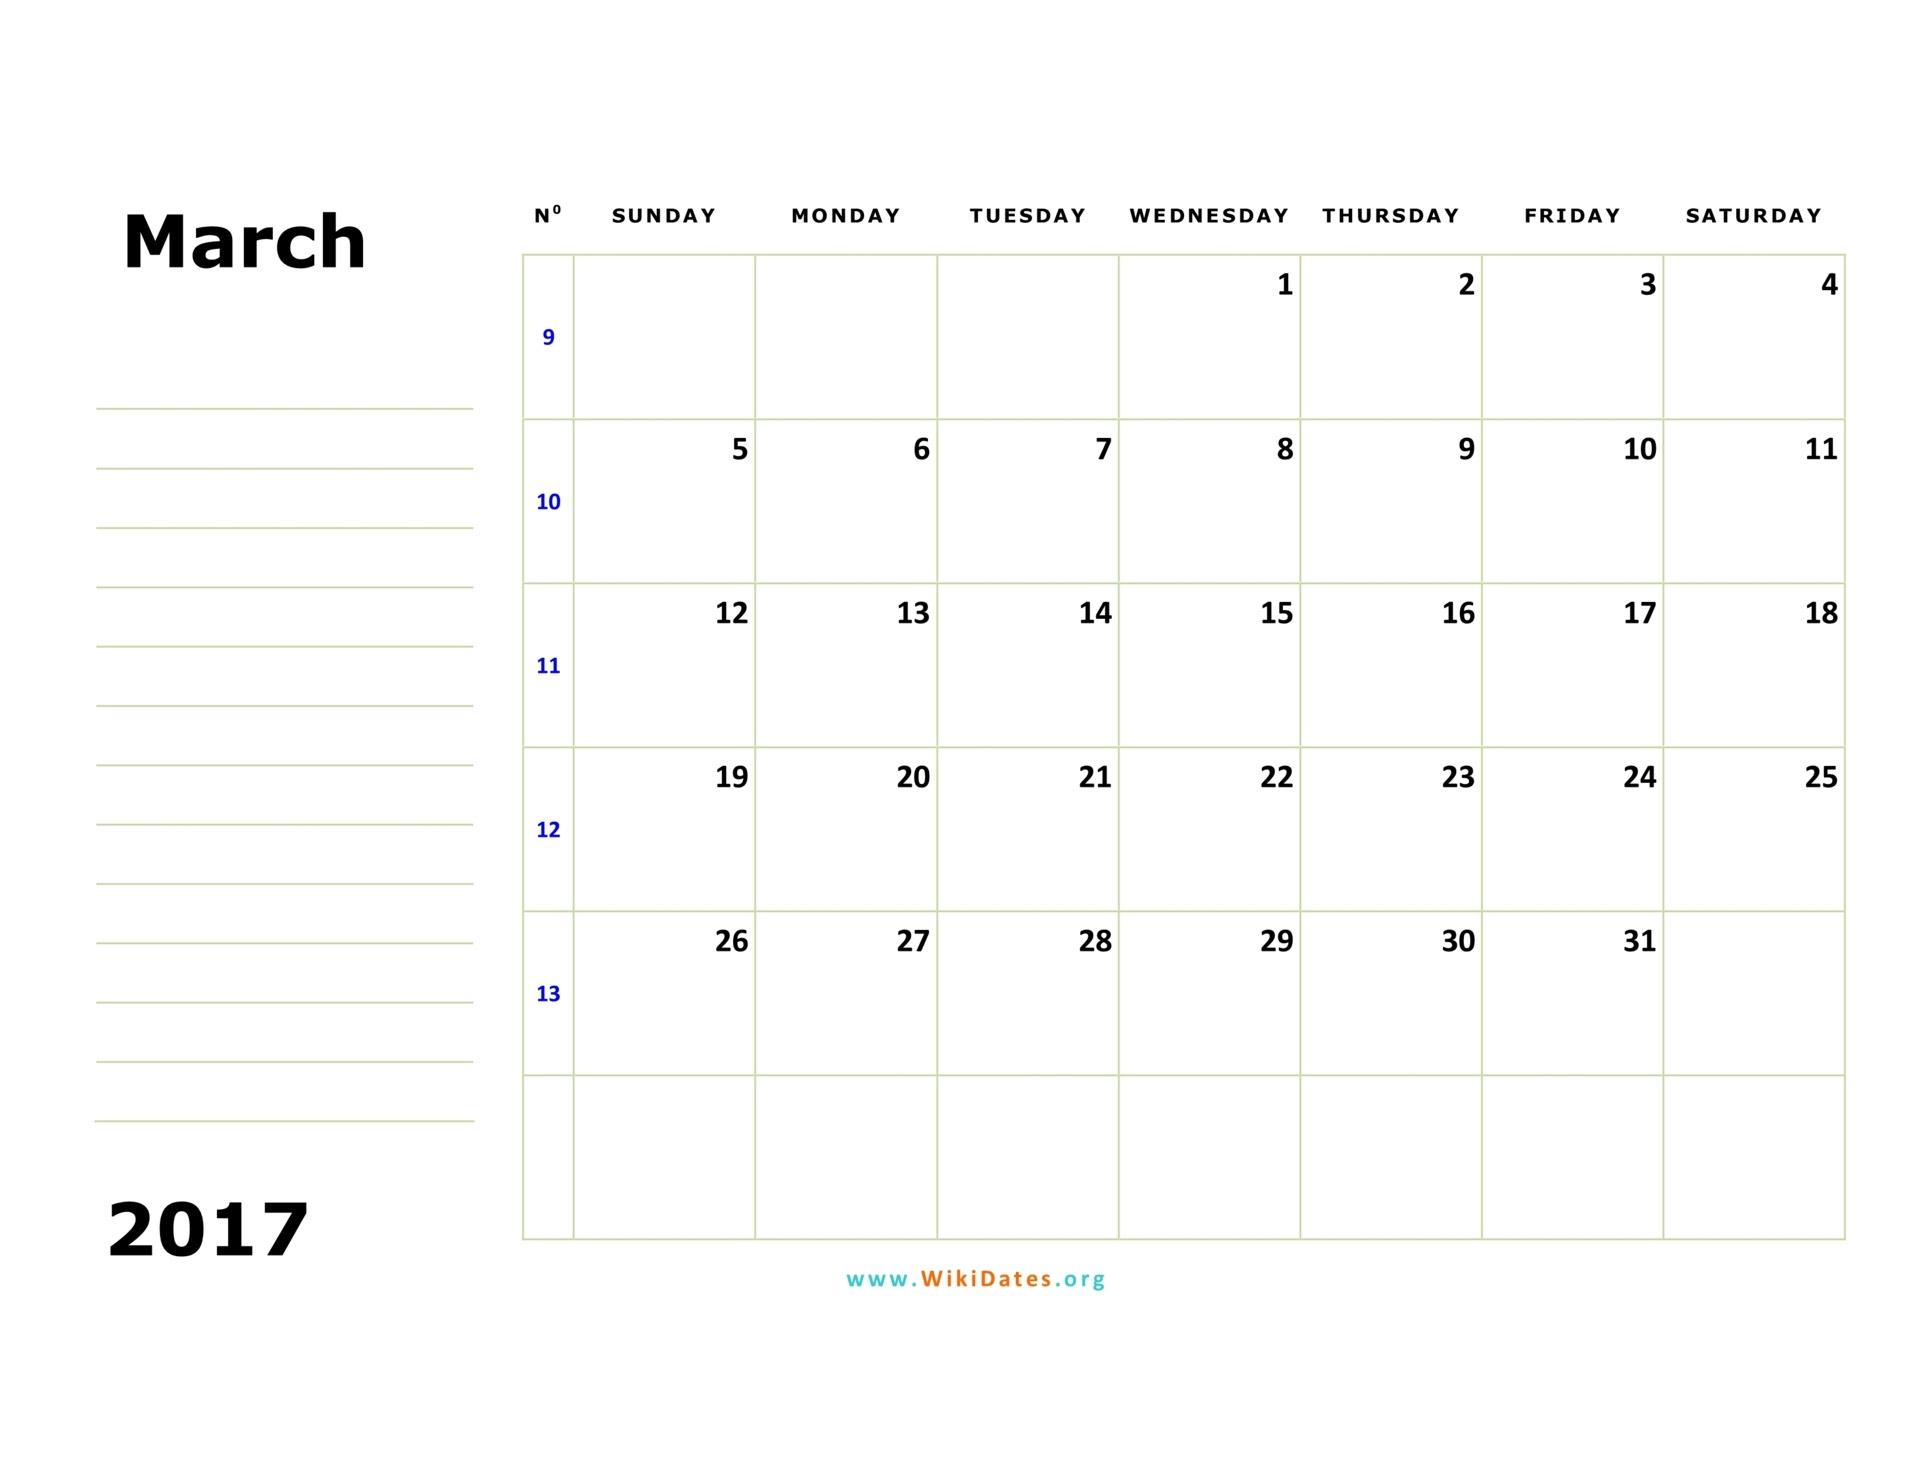 2017-March-Calendar-PDF-1.jpg